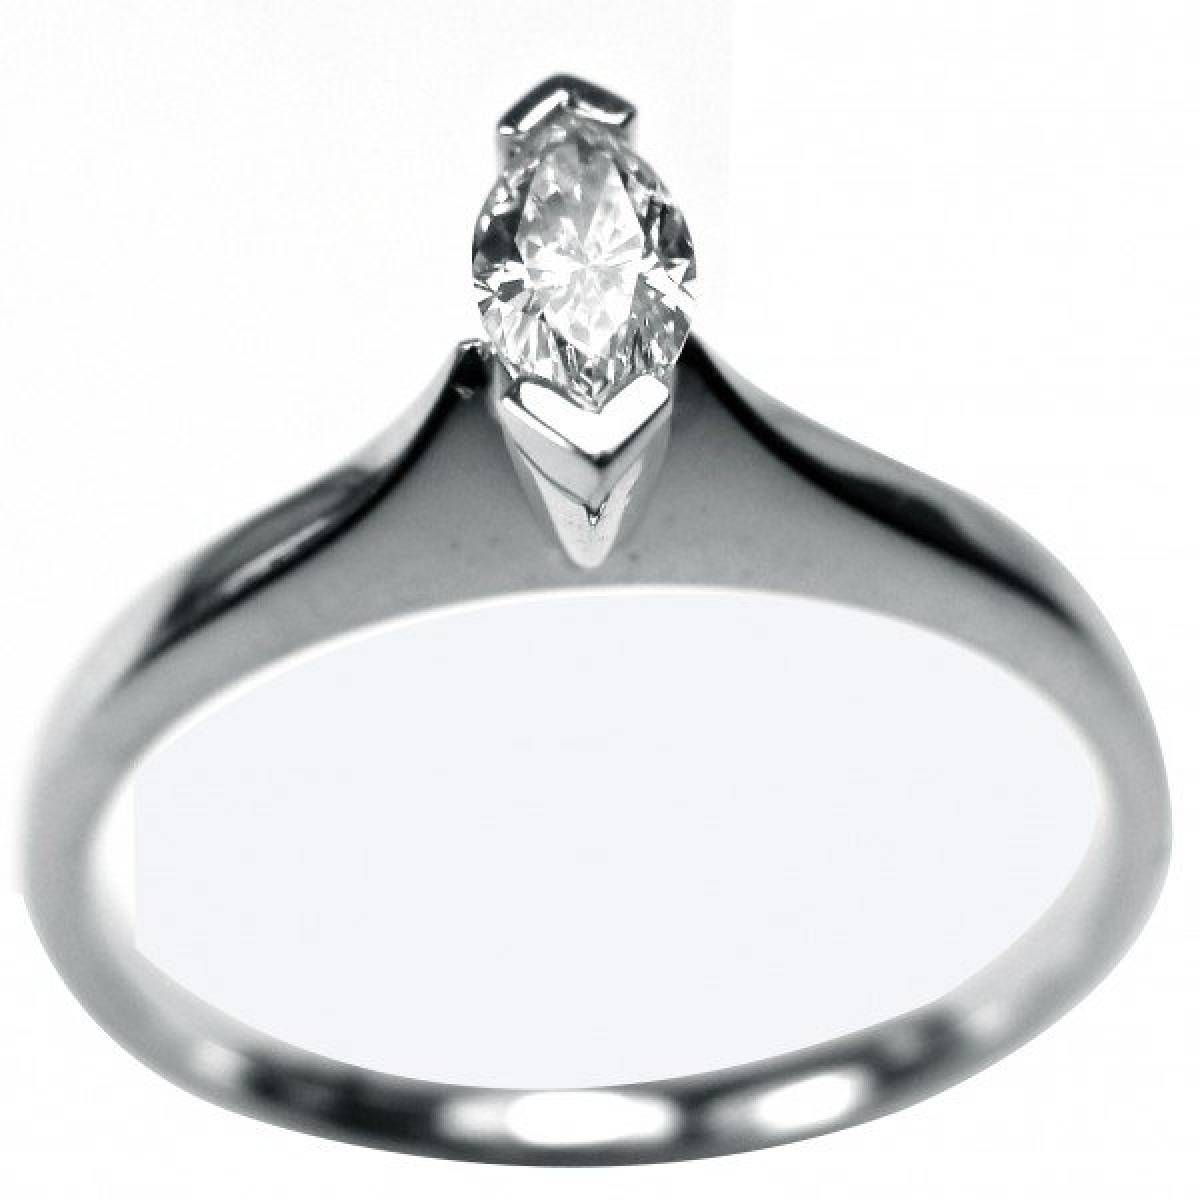 Anel de Noivado em ouro de 19 kts, com 1 diamante de 0,26 cts